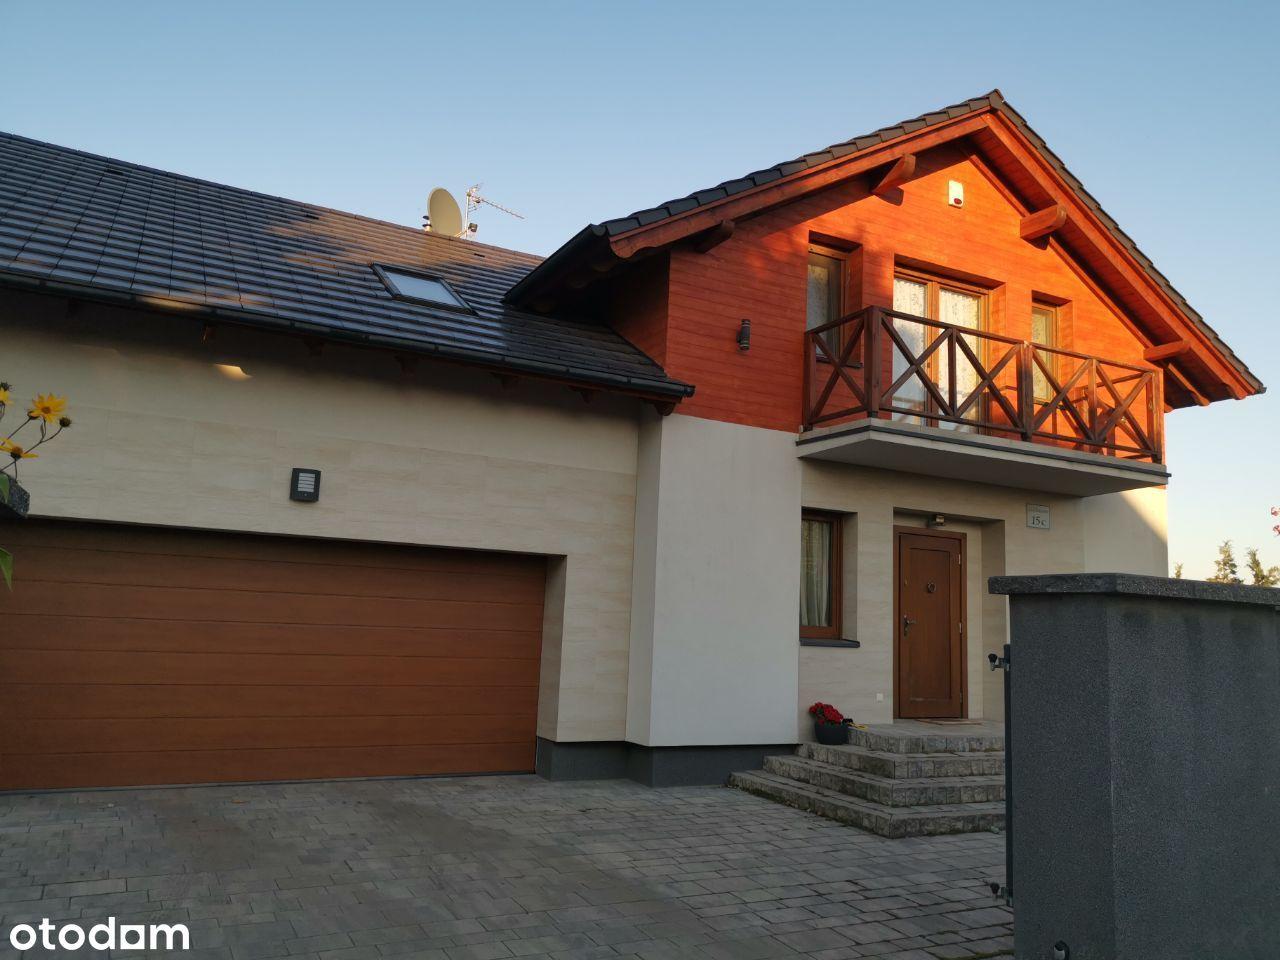 Dom z widokiem, 200 m2, Szachty, Poznań